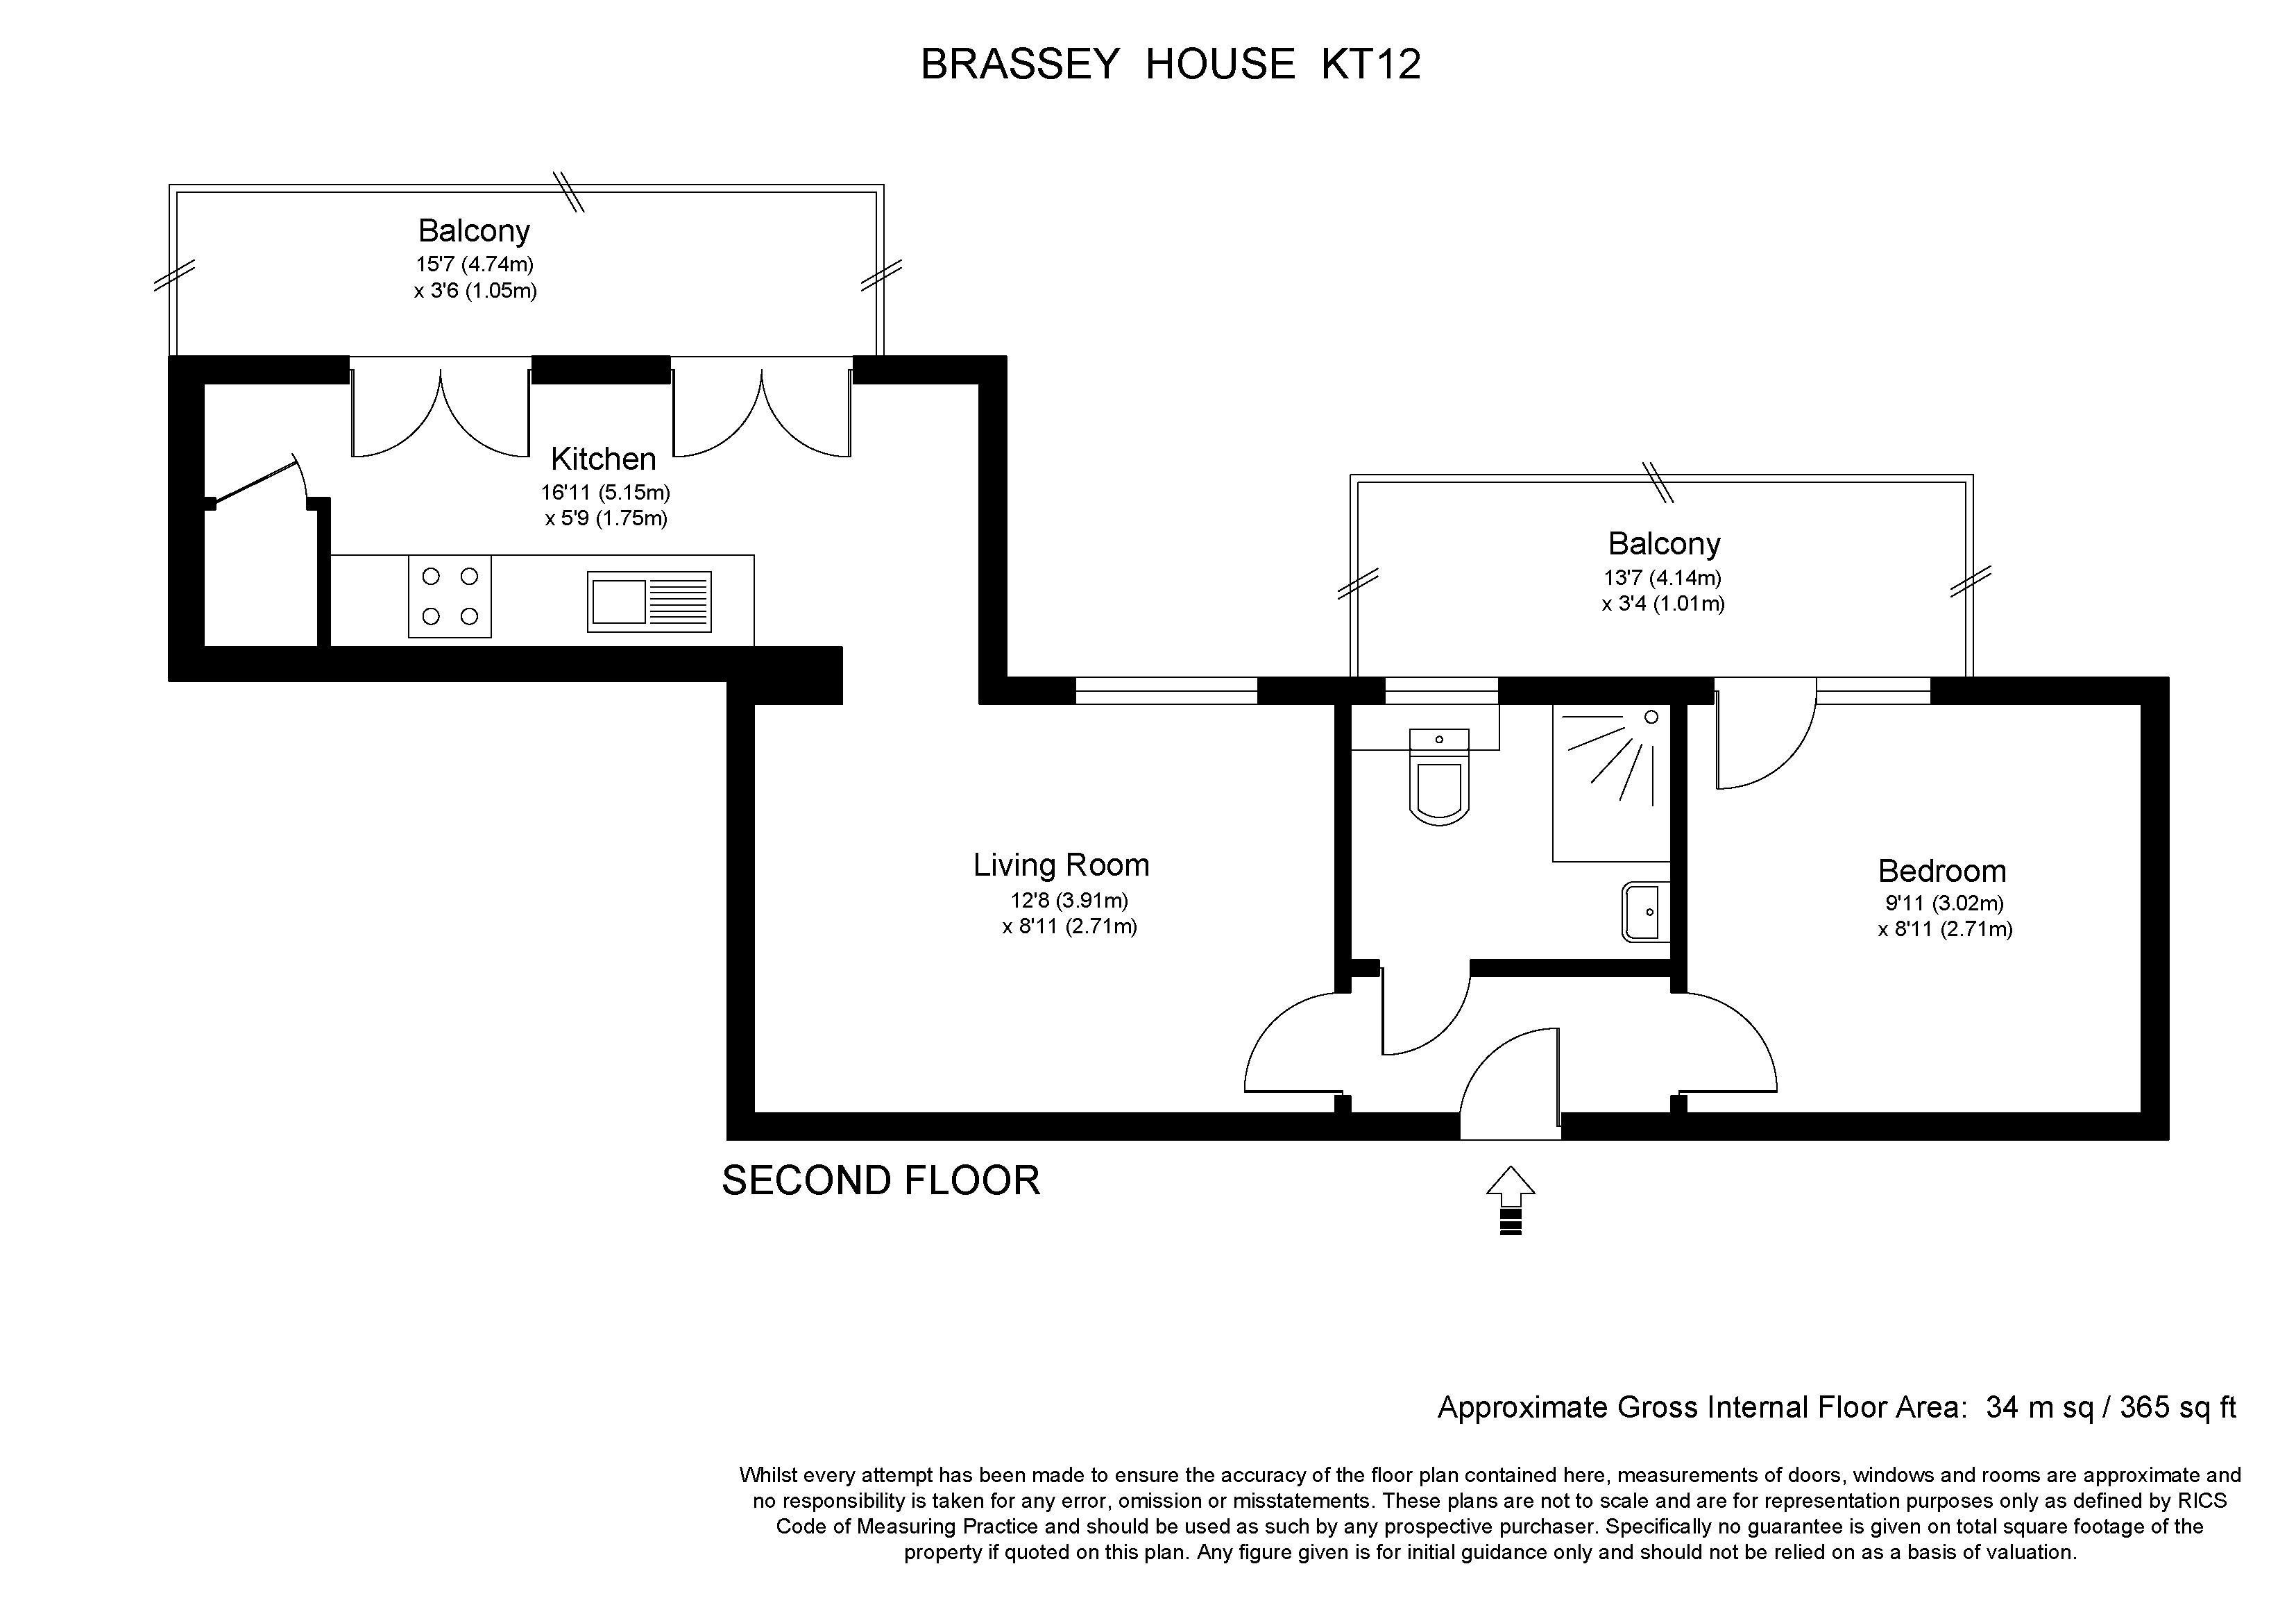 Brassey House